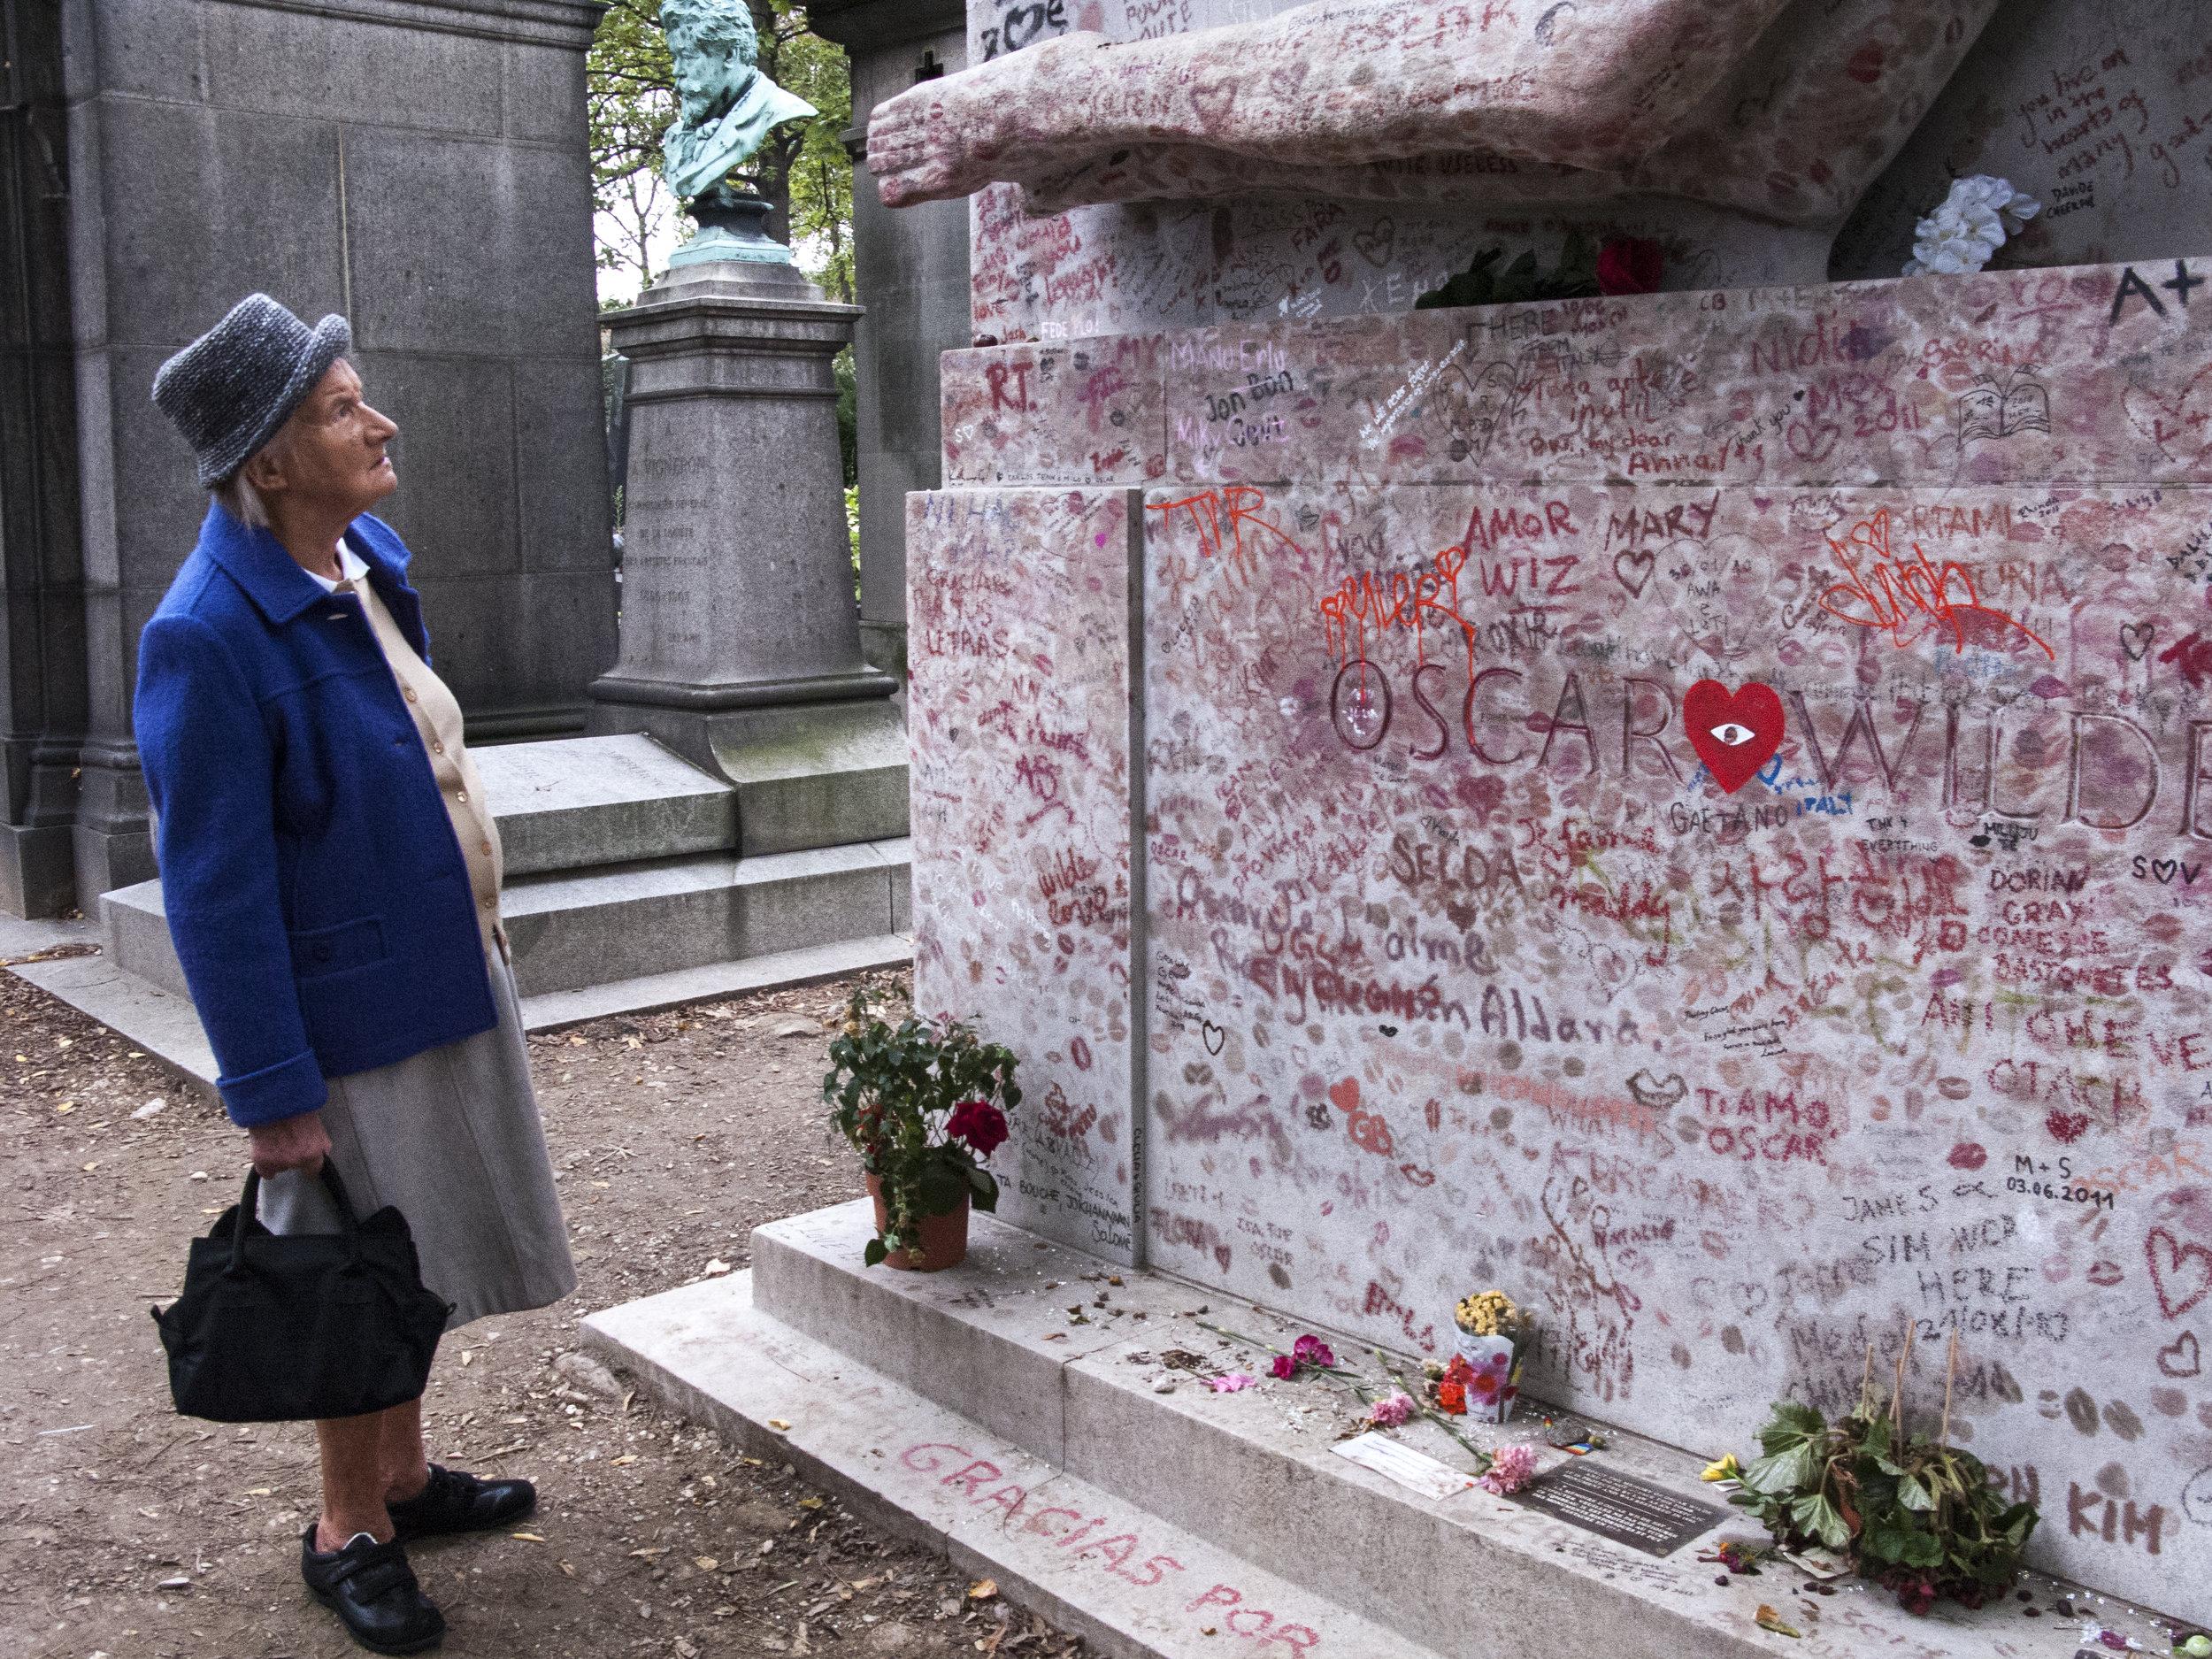 Oscar's Tomb